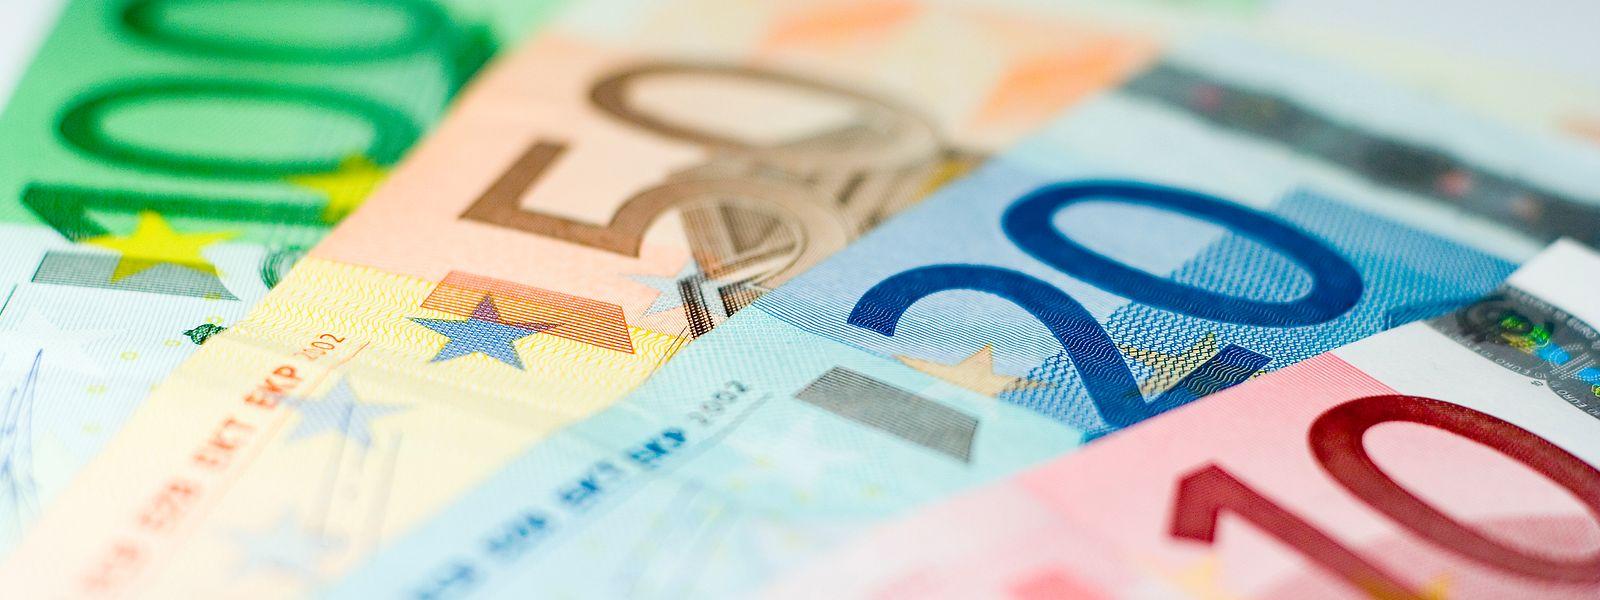 Im Mai kam der höchste Beitrag zur jährlichen Inflation im Euroraum durch steigende Energiekosten.